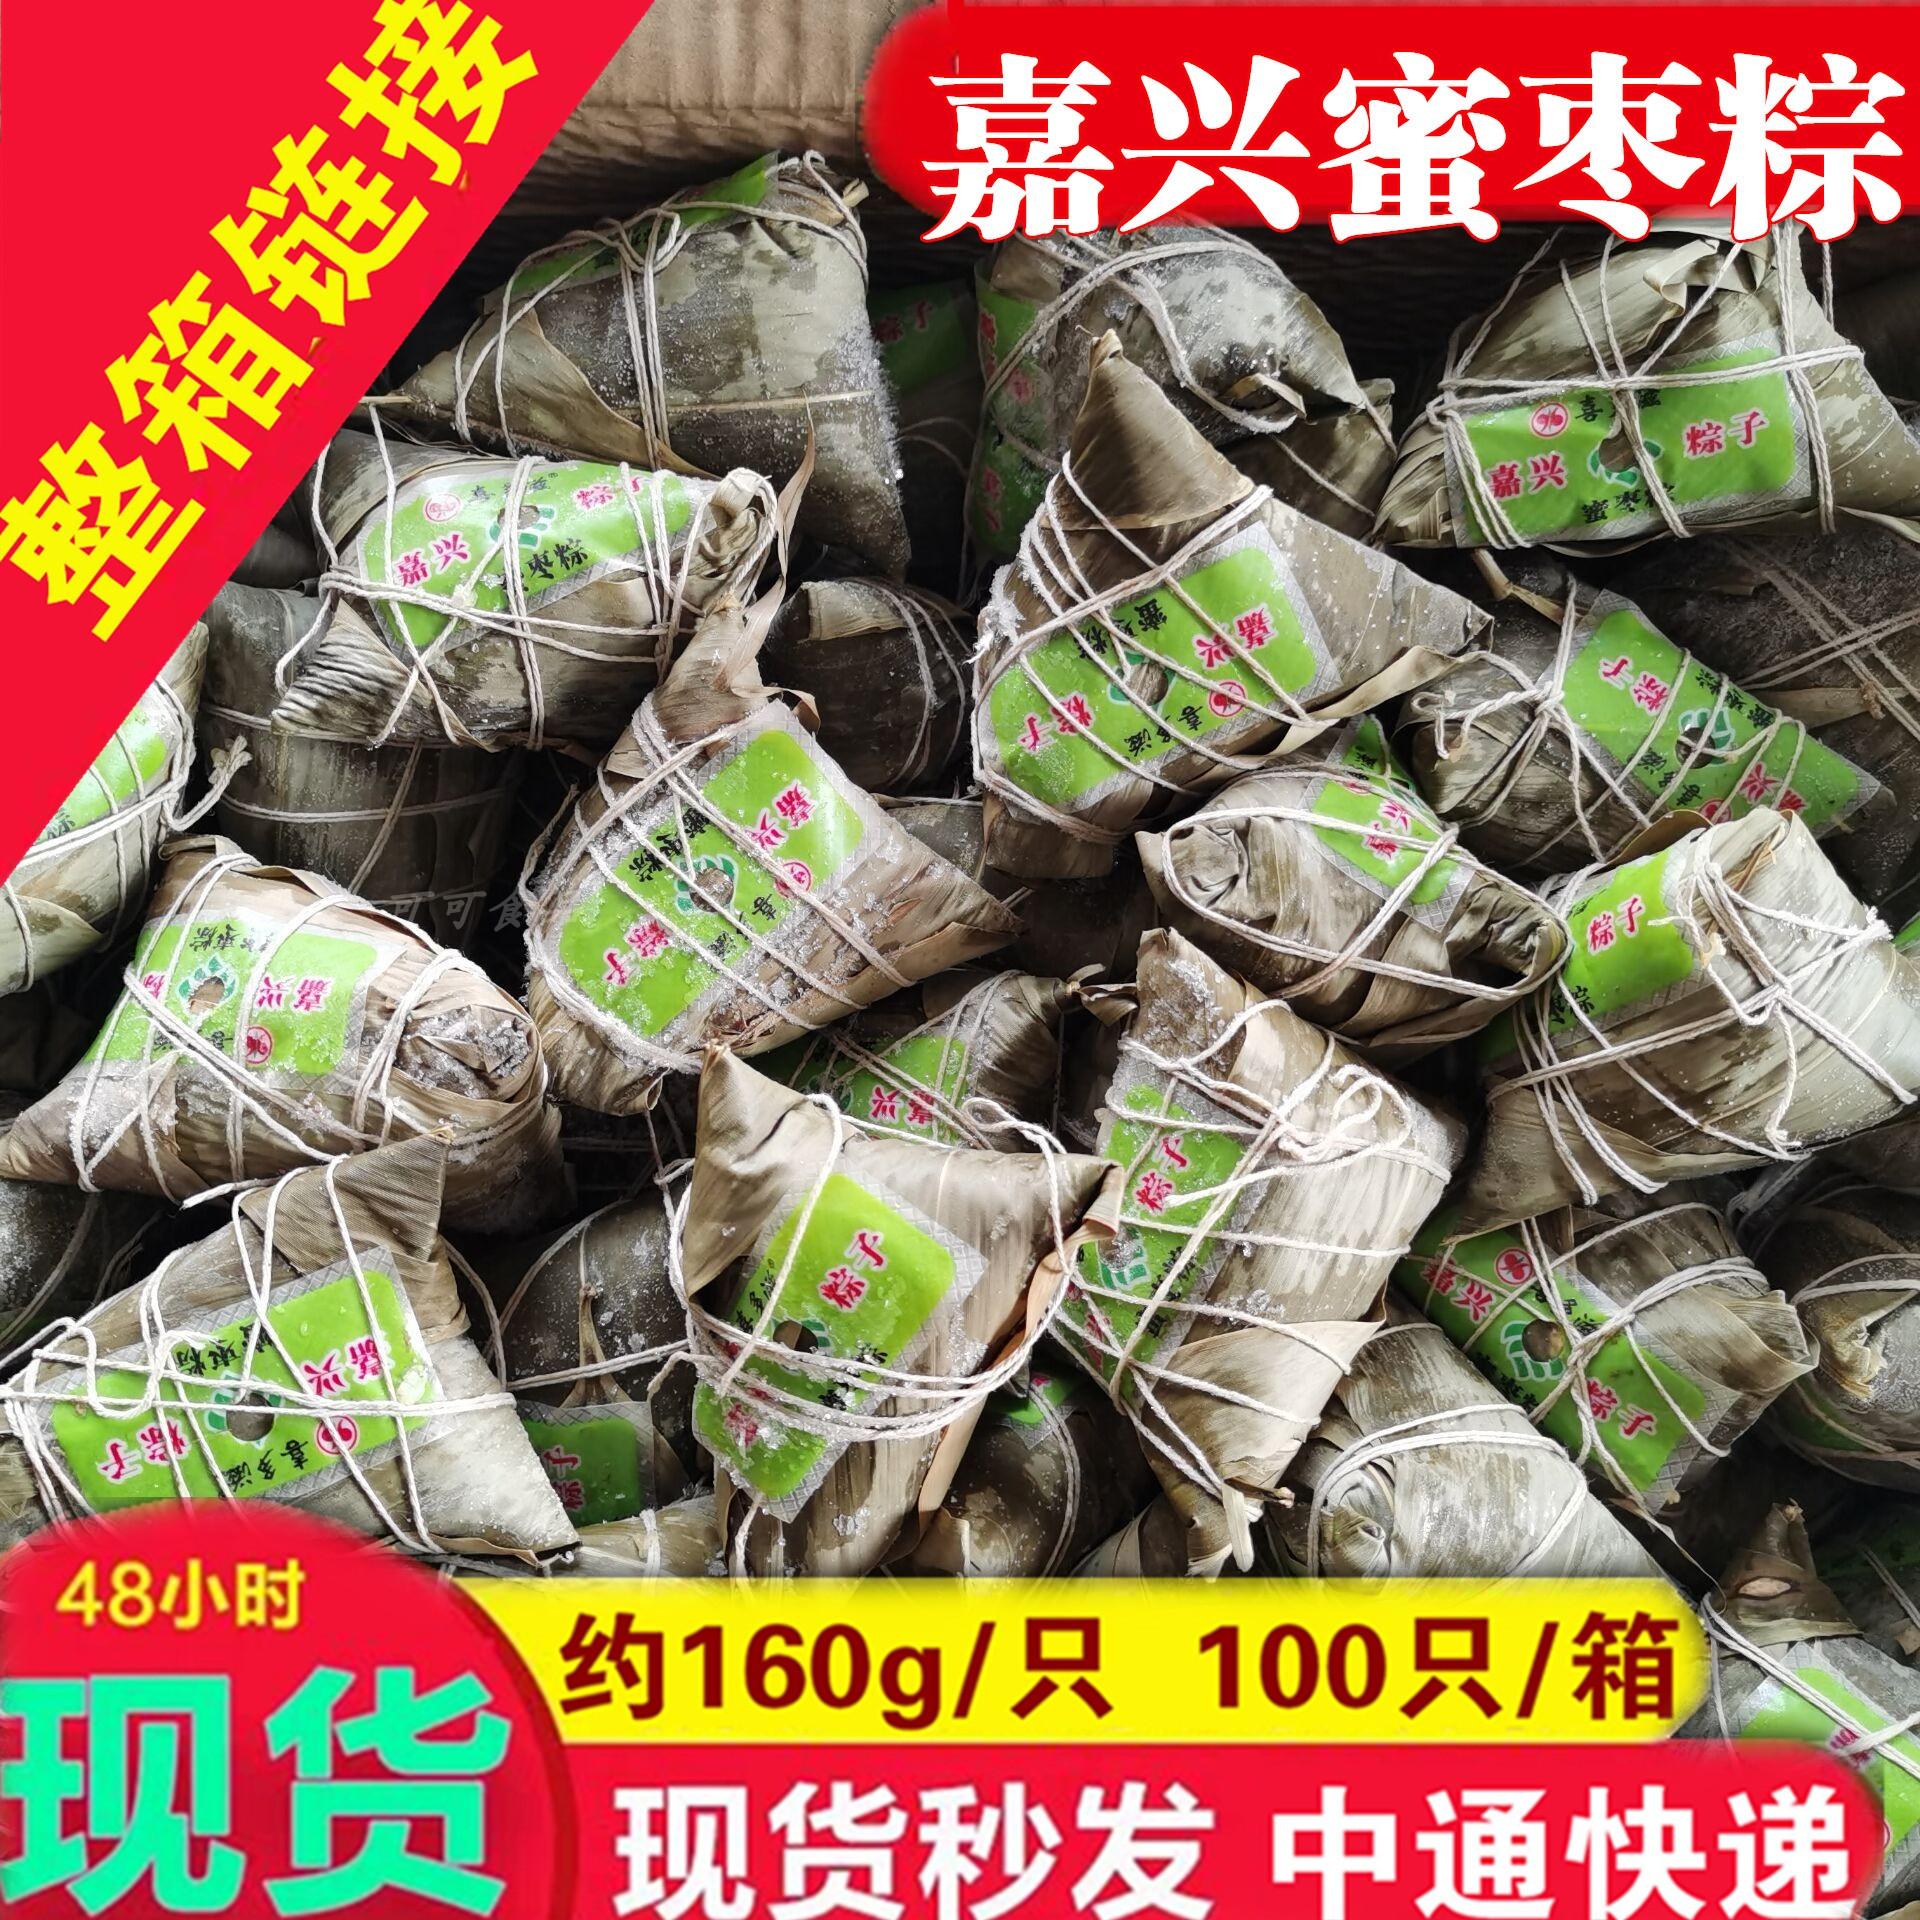 嘉兴粽子 蜜枣粽 大枣粽 160g*100个 整箱 早餐端午节 新鲜 枣粽